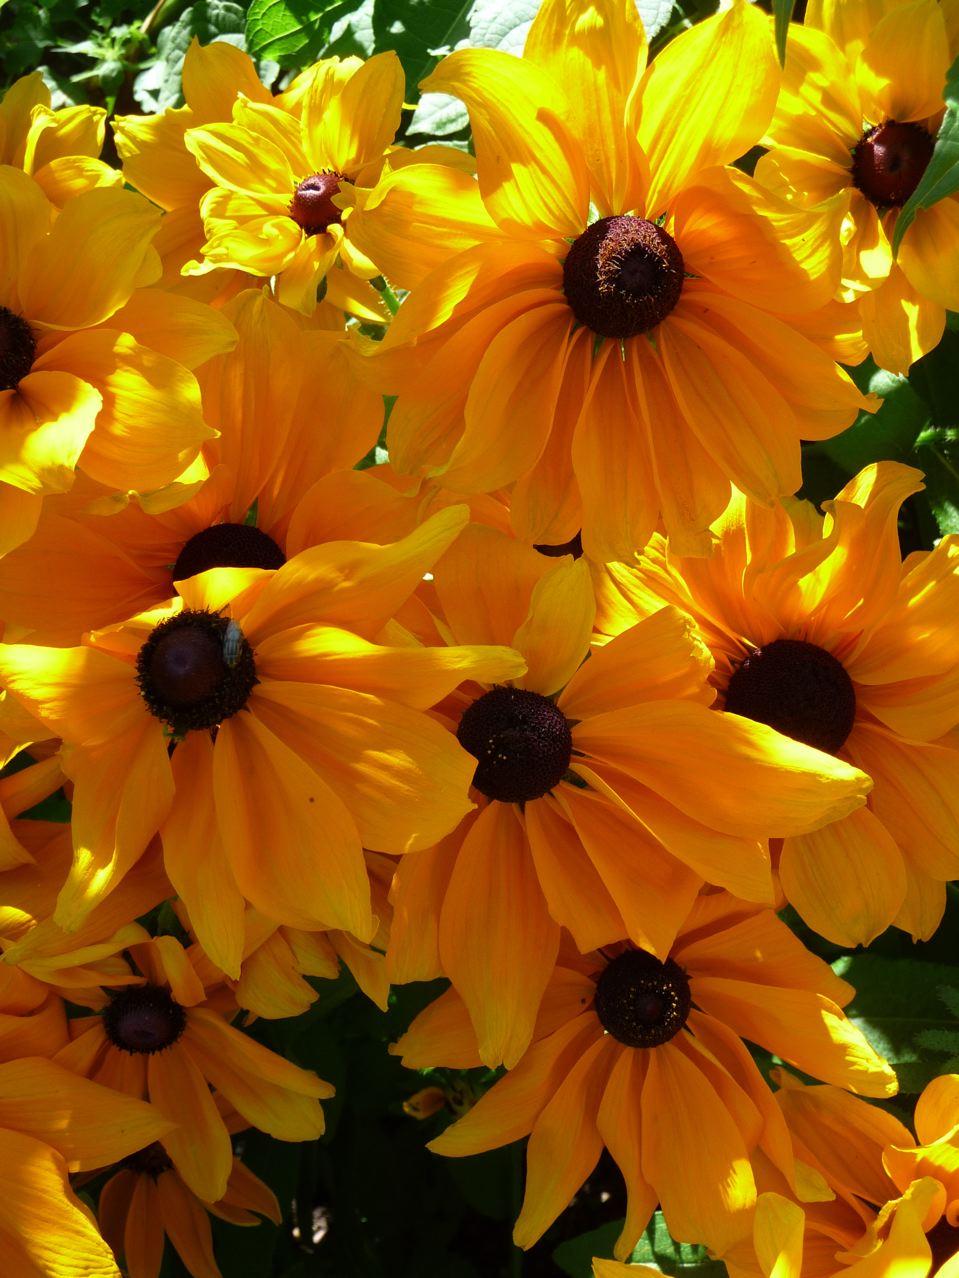 Décorations florales estivales